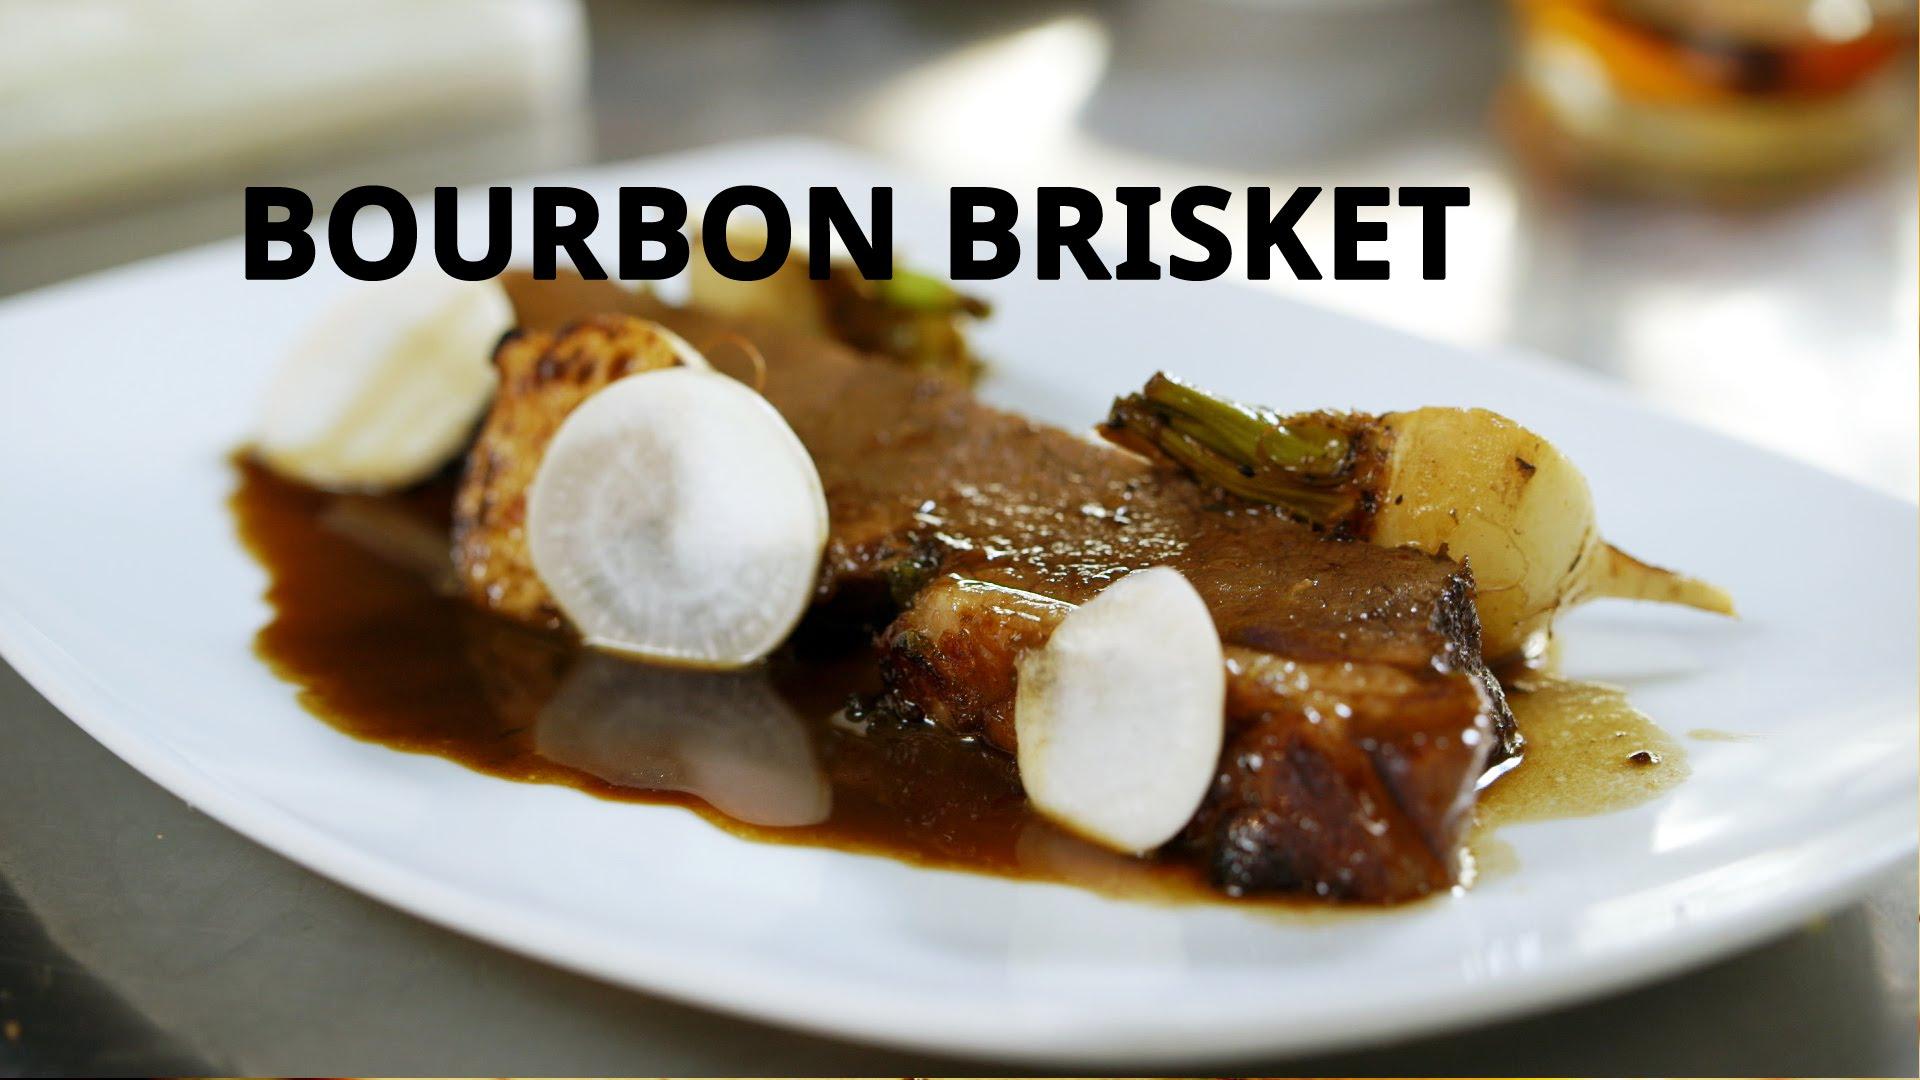 Chef Ed Lee's Bourbon Brisket Recipe photo